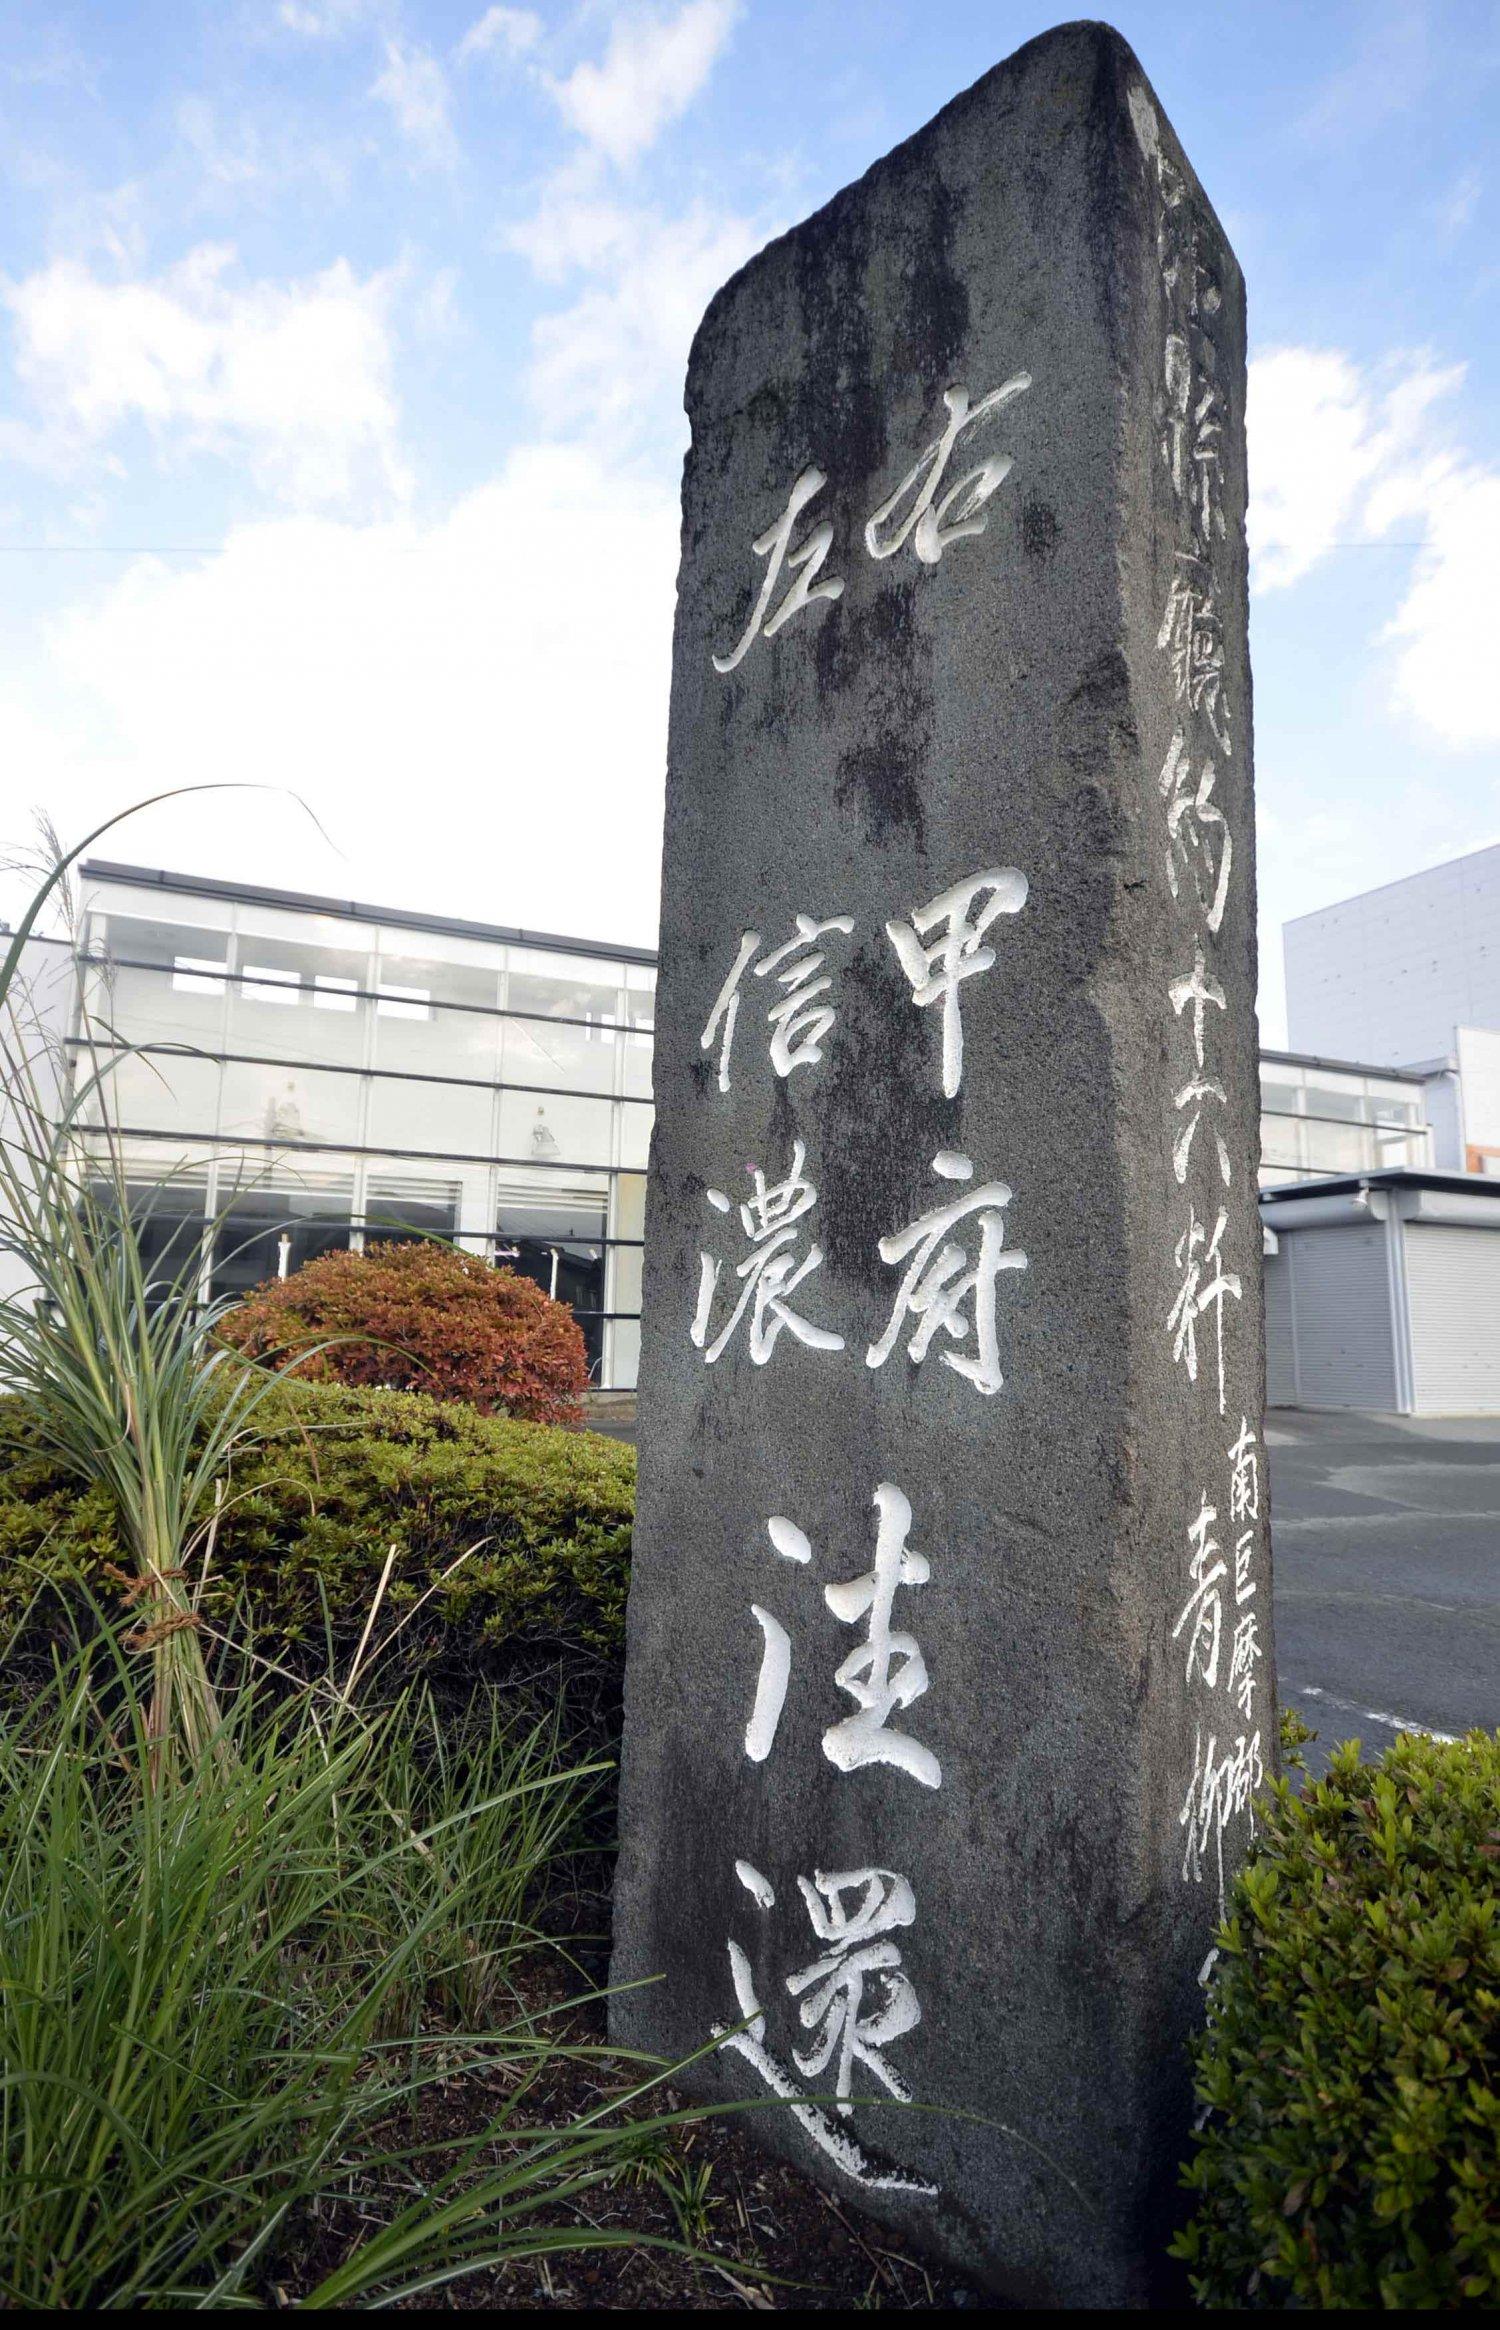 青柳宿の追分(おいわけ)、駿州往還と駿信往還のY字路に立つ明治時代の道標。